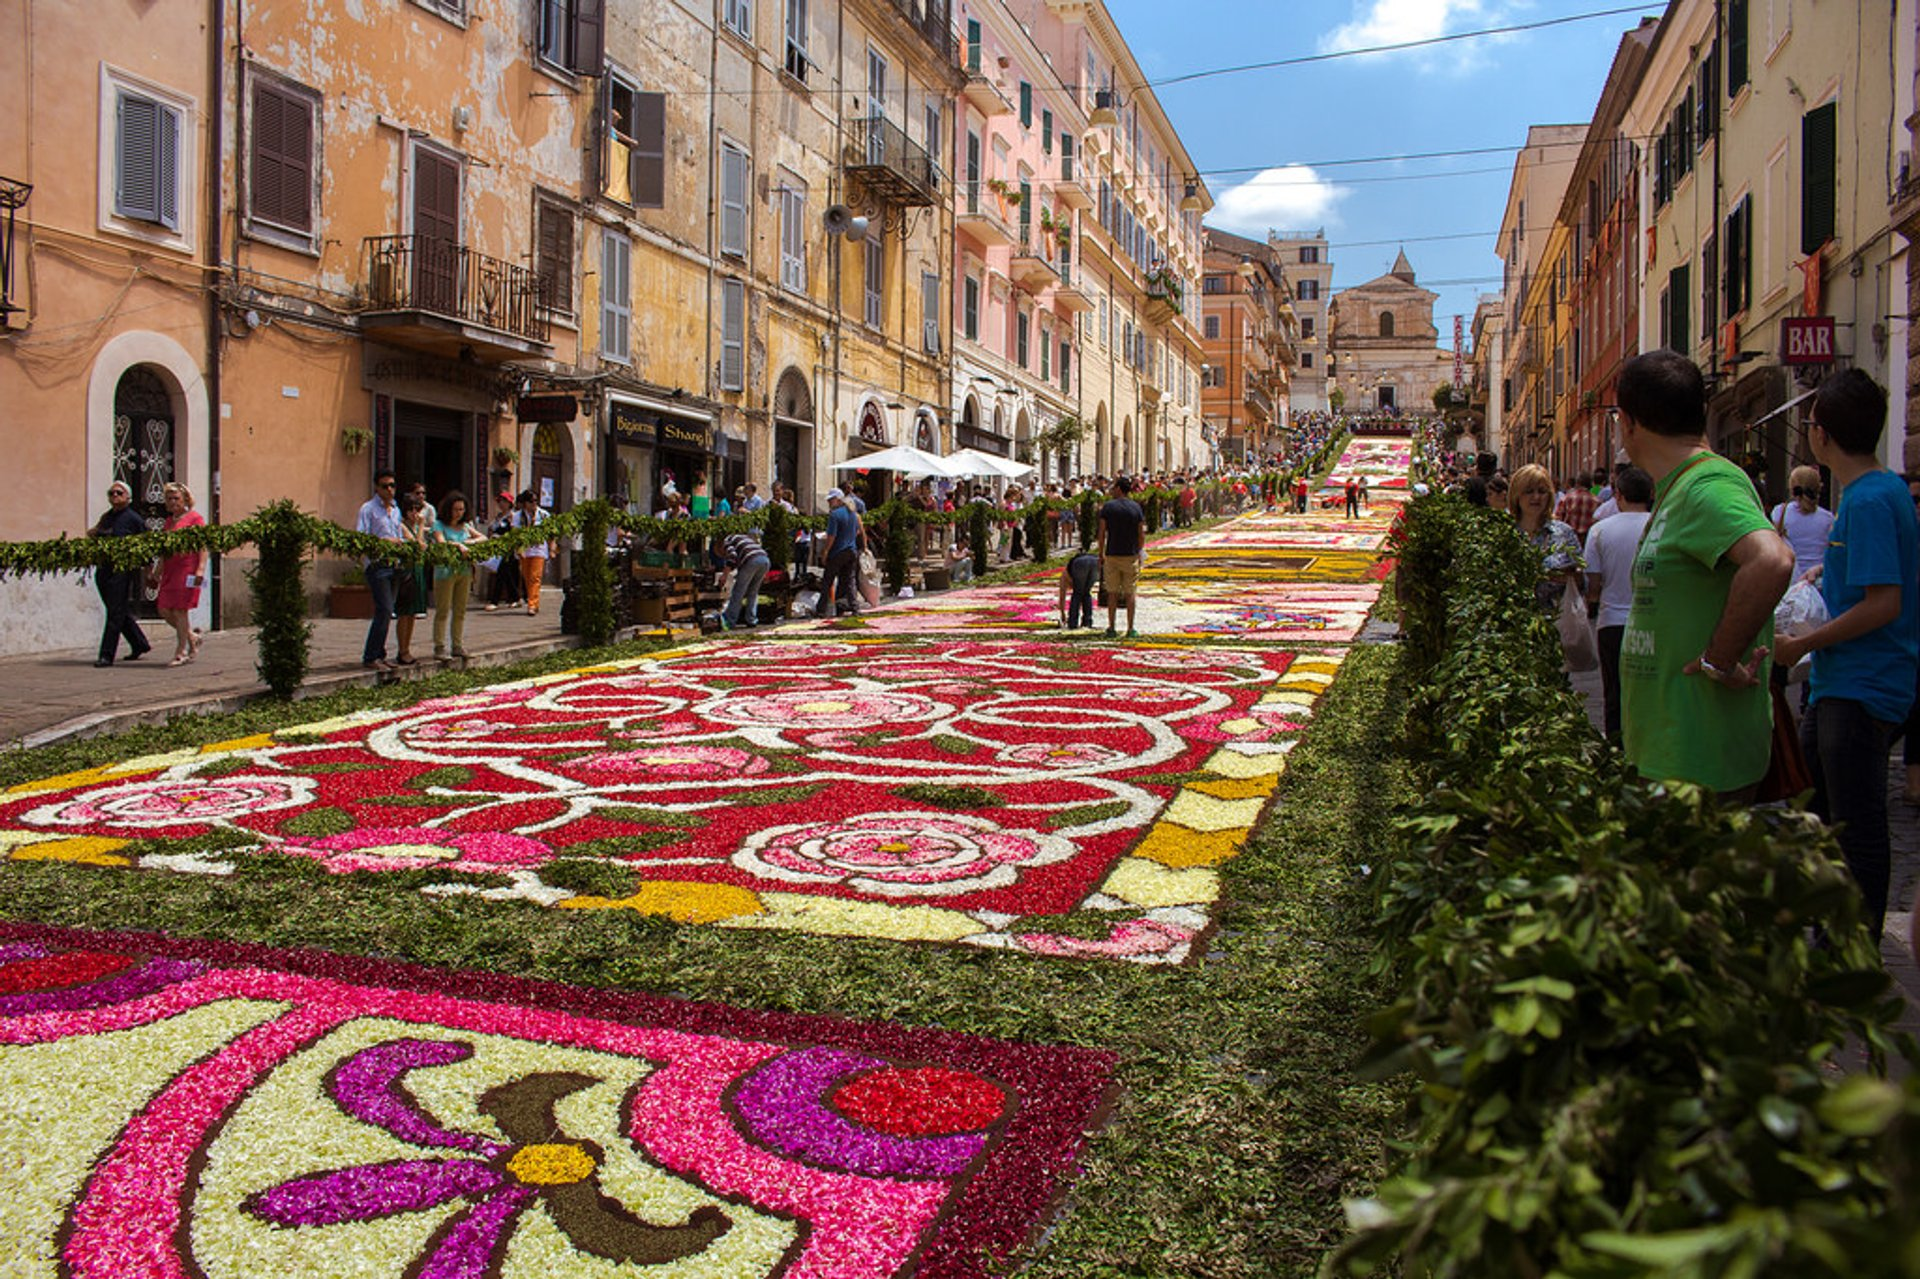 Infiorata Flower Carpet Festivals in Italy 2019 - Best Time